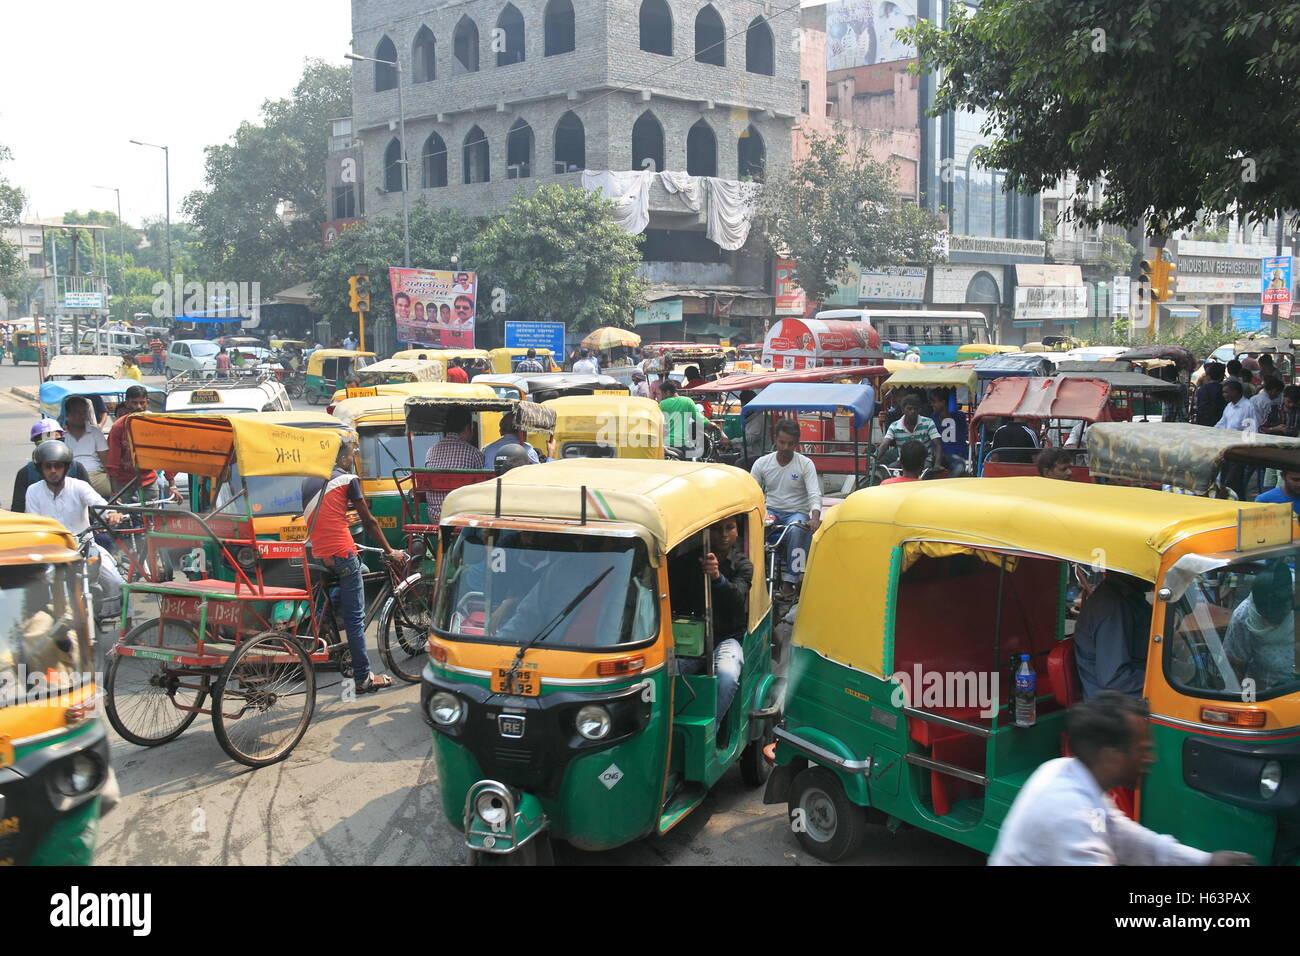 Netaji Subhash Marg, Old Delhi, India, Indian subcontinent, South Asia - Stock Image